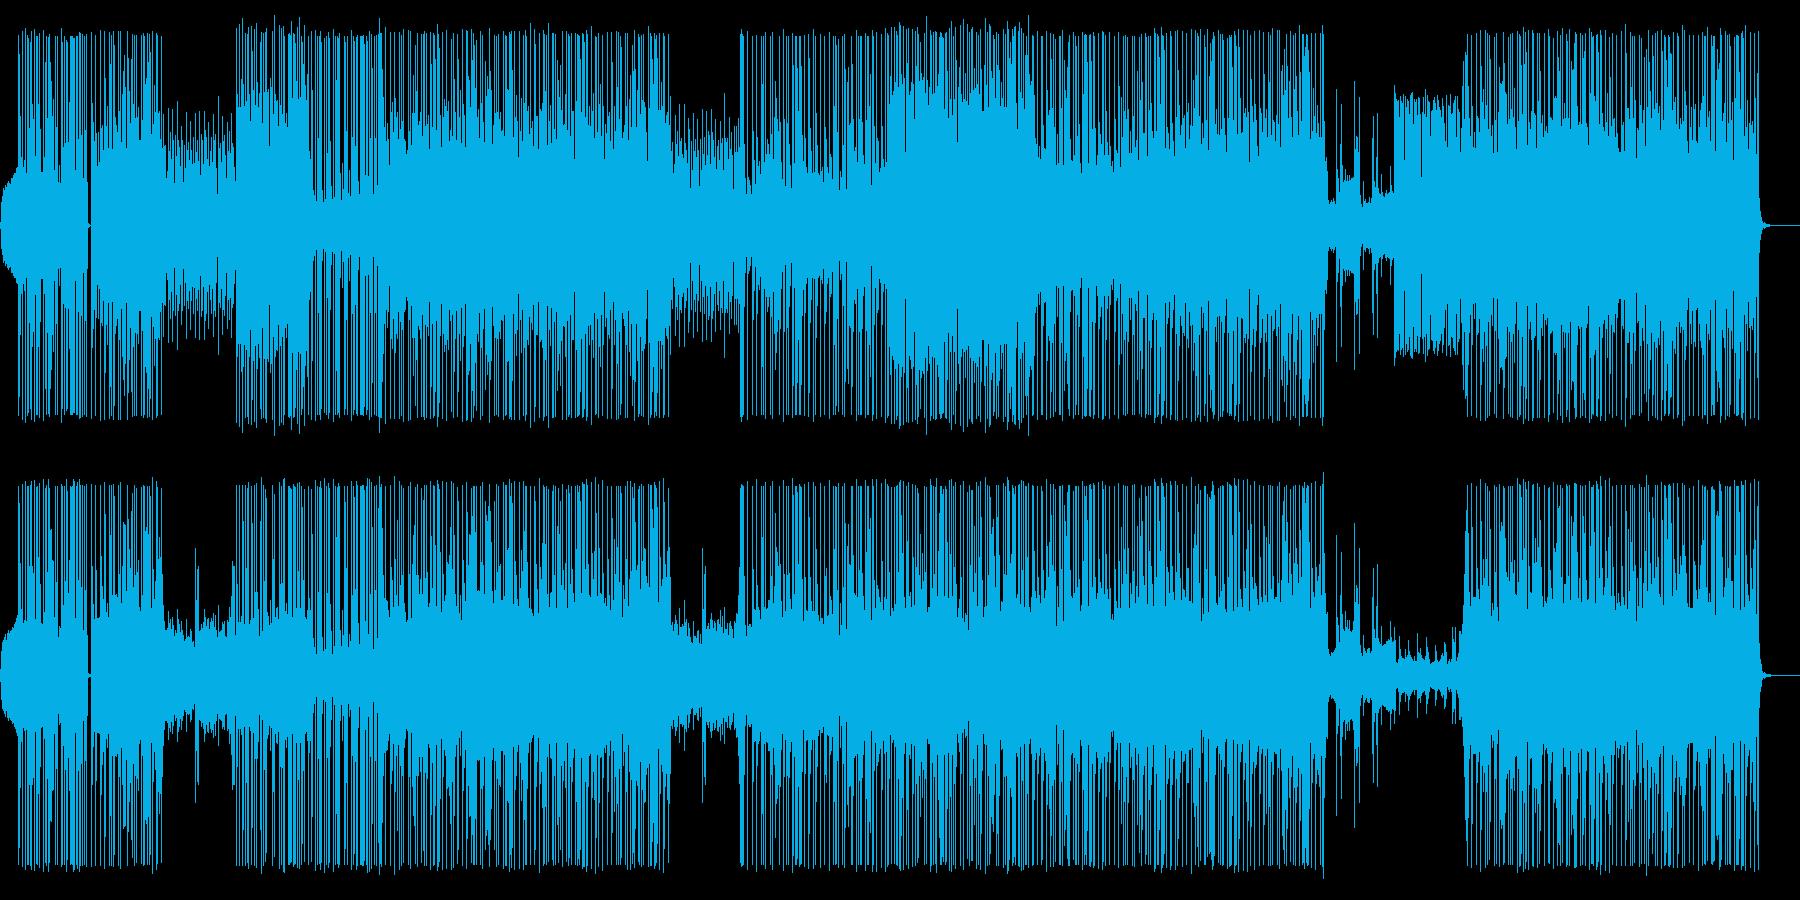 ピアノメインのHip-Hop/Beatの再生済みの波形